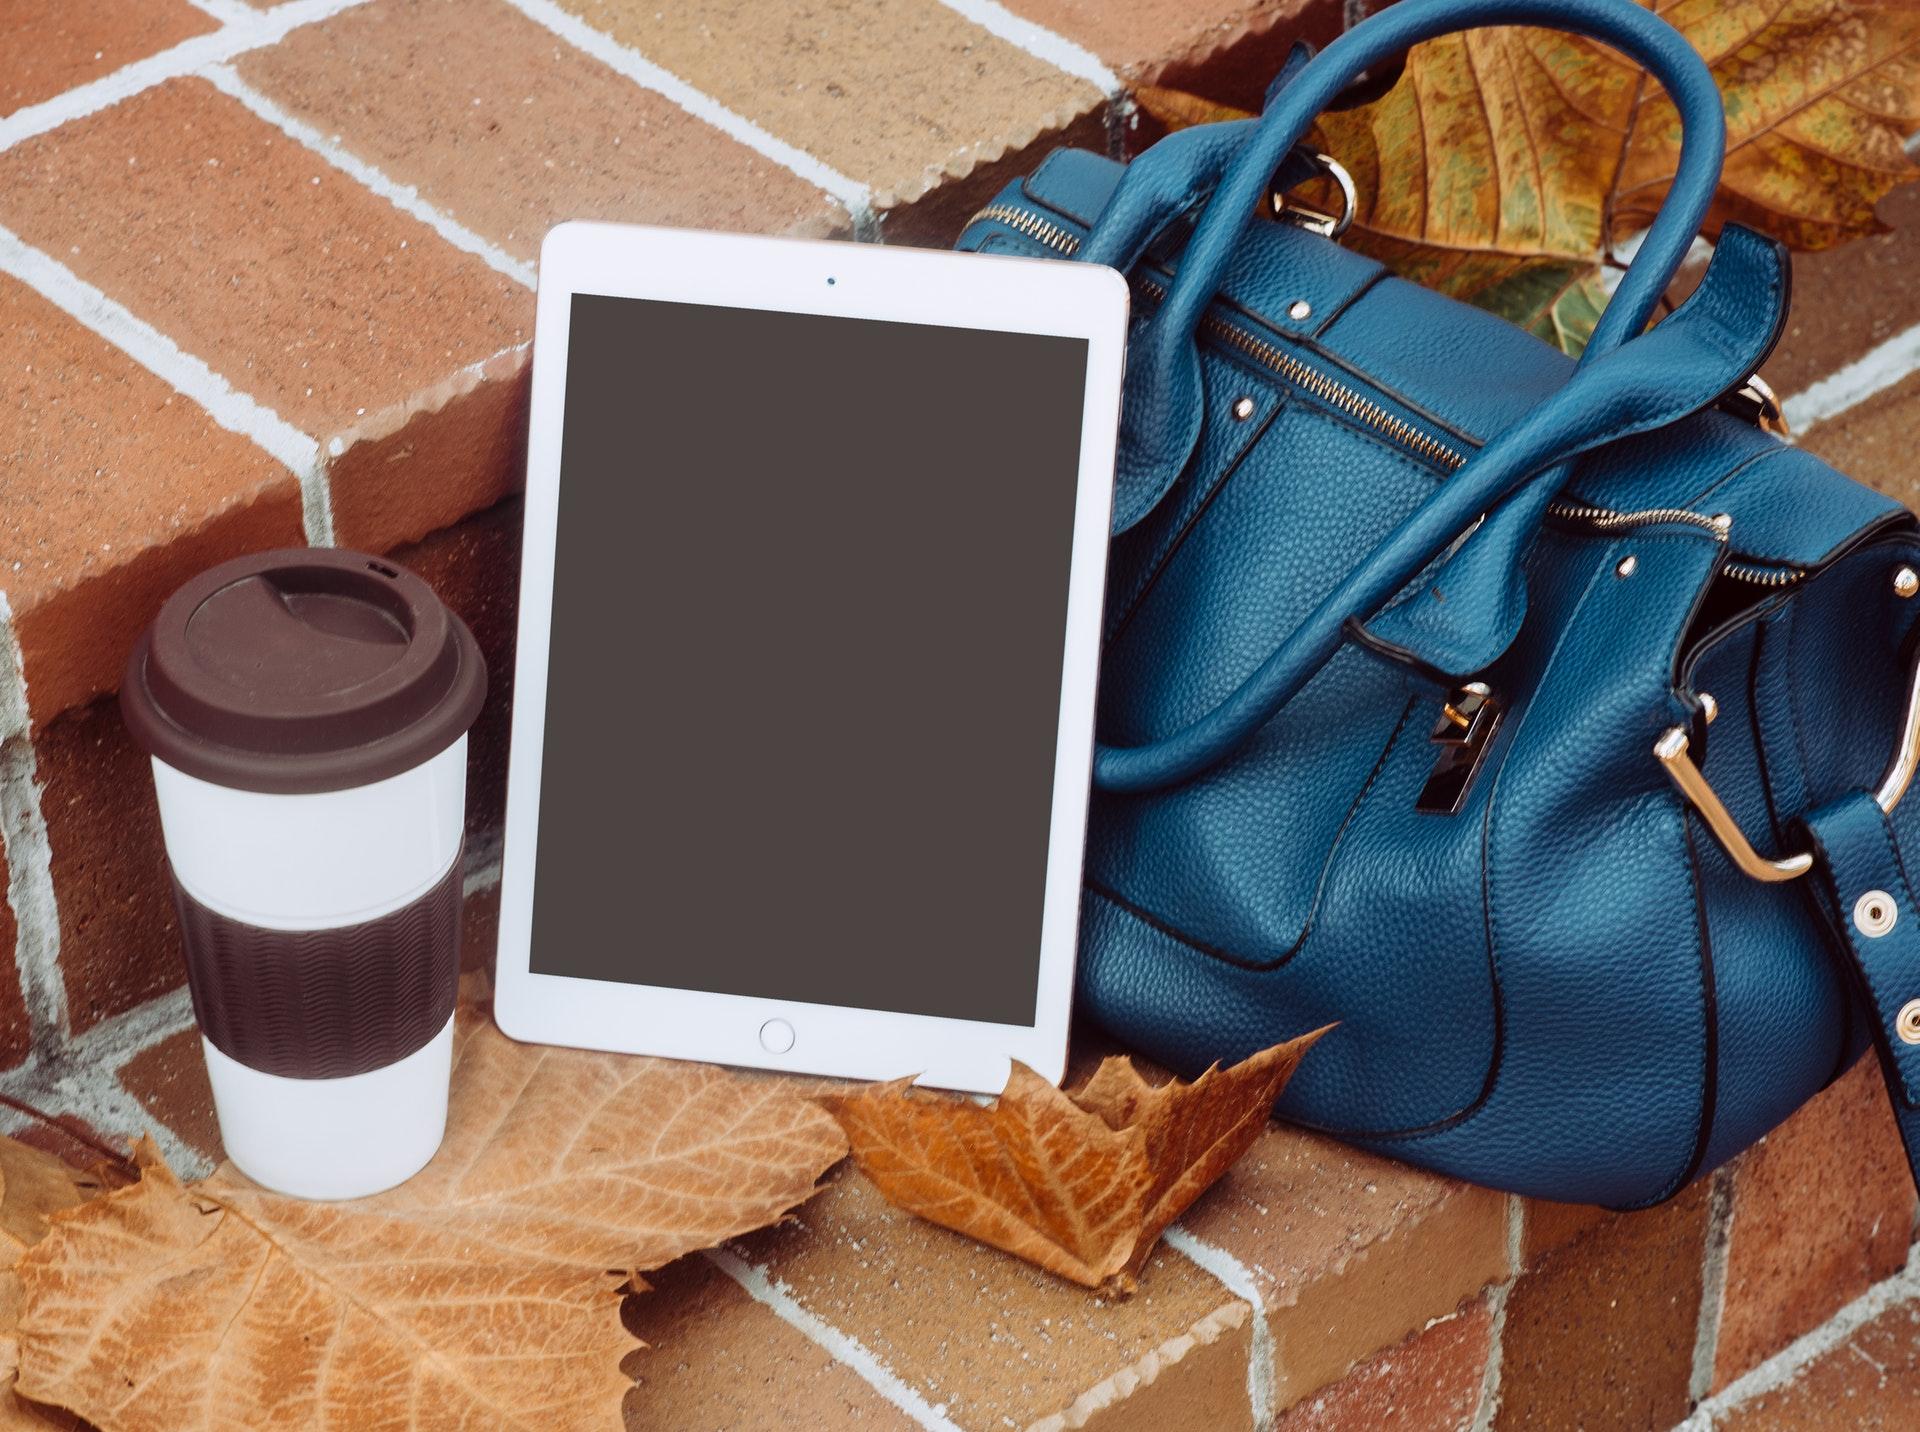 iPadを持ち運んでいる画像